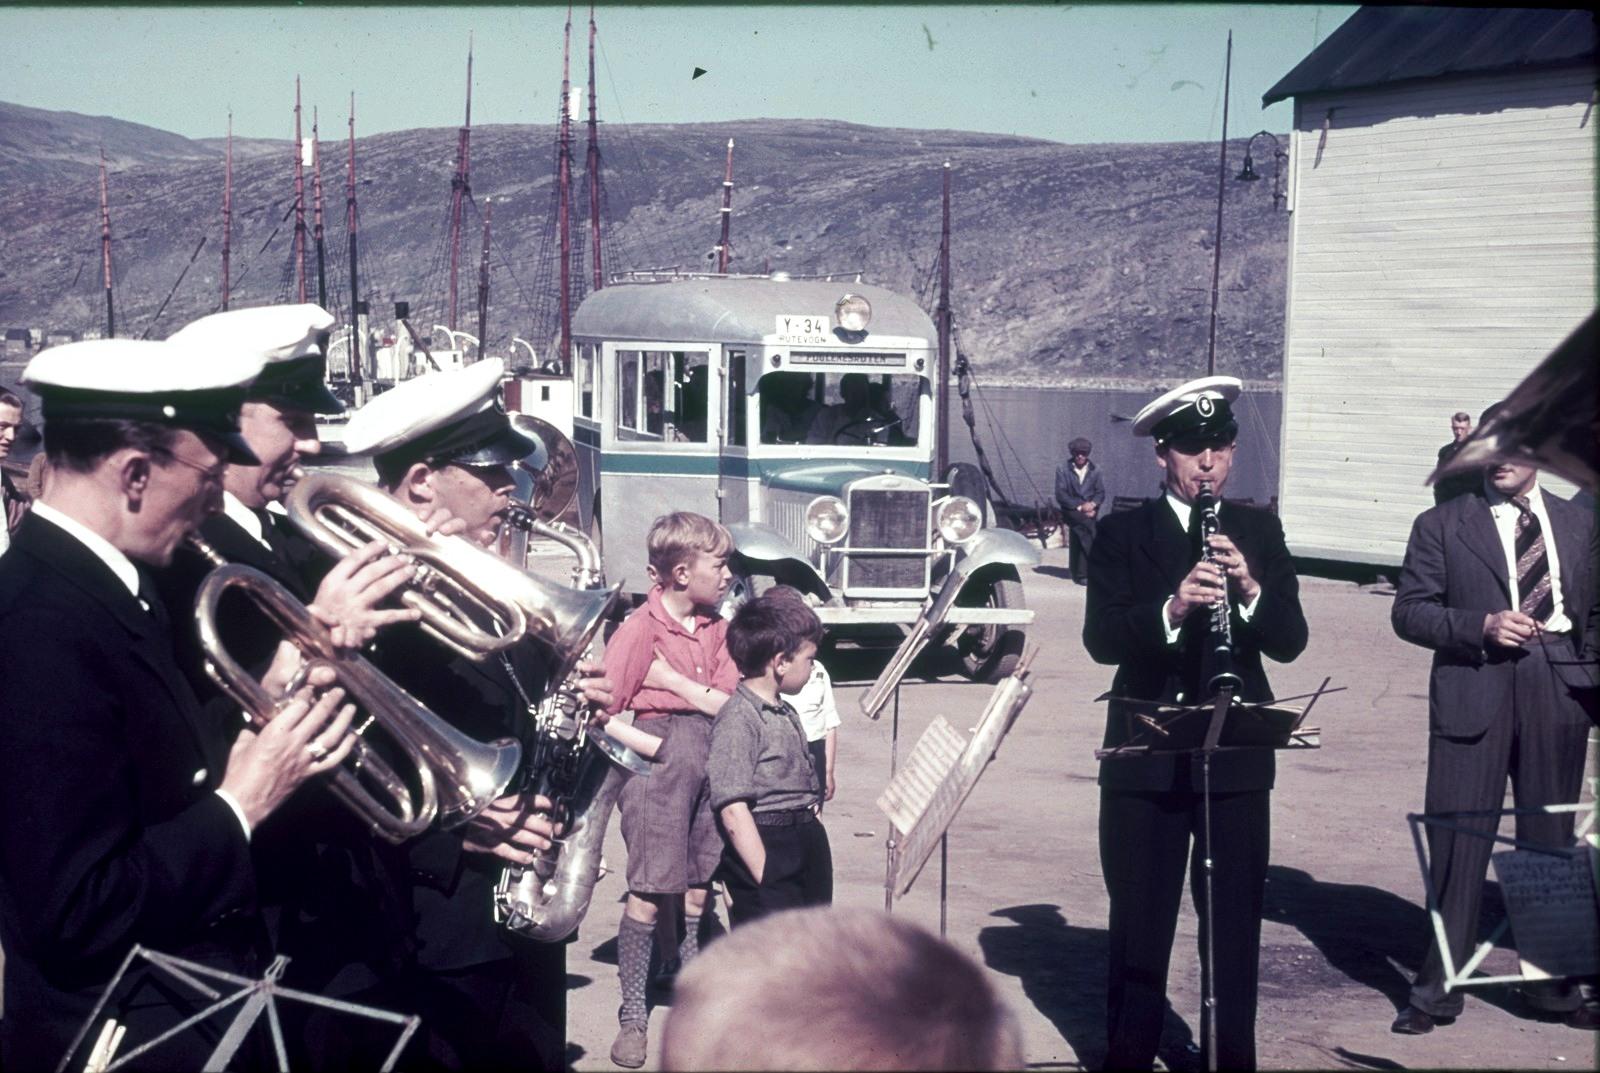 Хаммерфест. Духовой оркестр перед автобусом